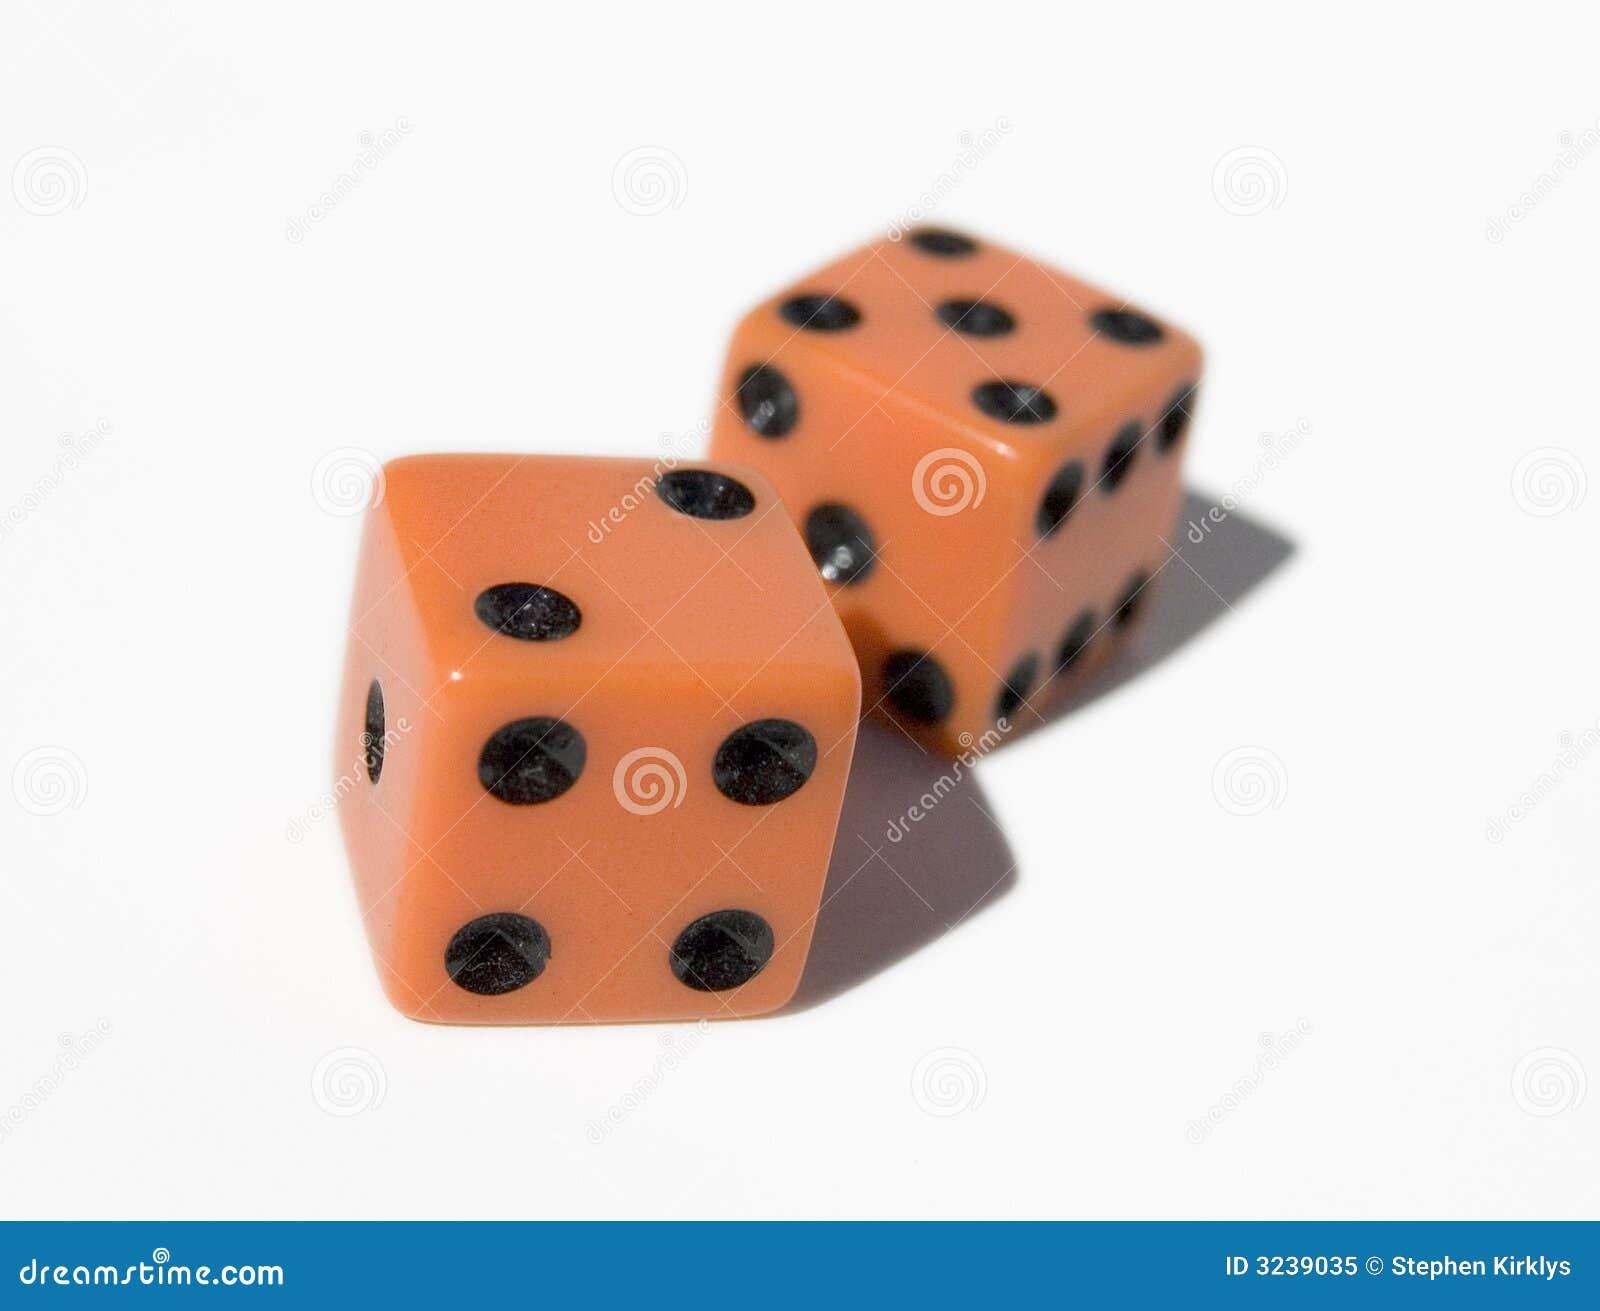 Orange Dice Stock Image Image Of Craps Cubes Luck Square 3239035